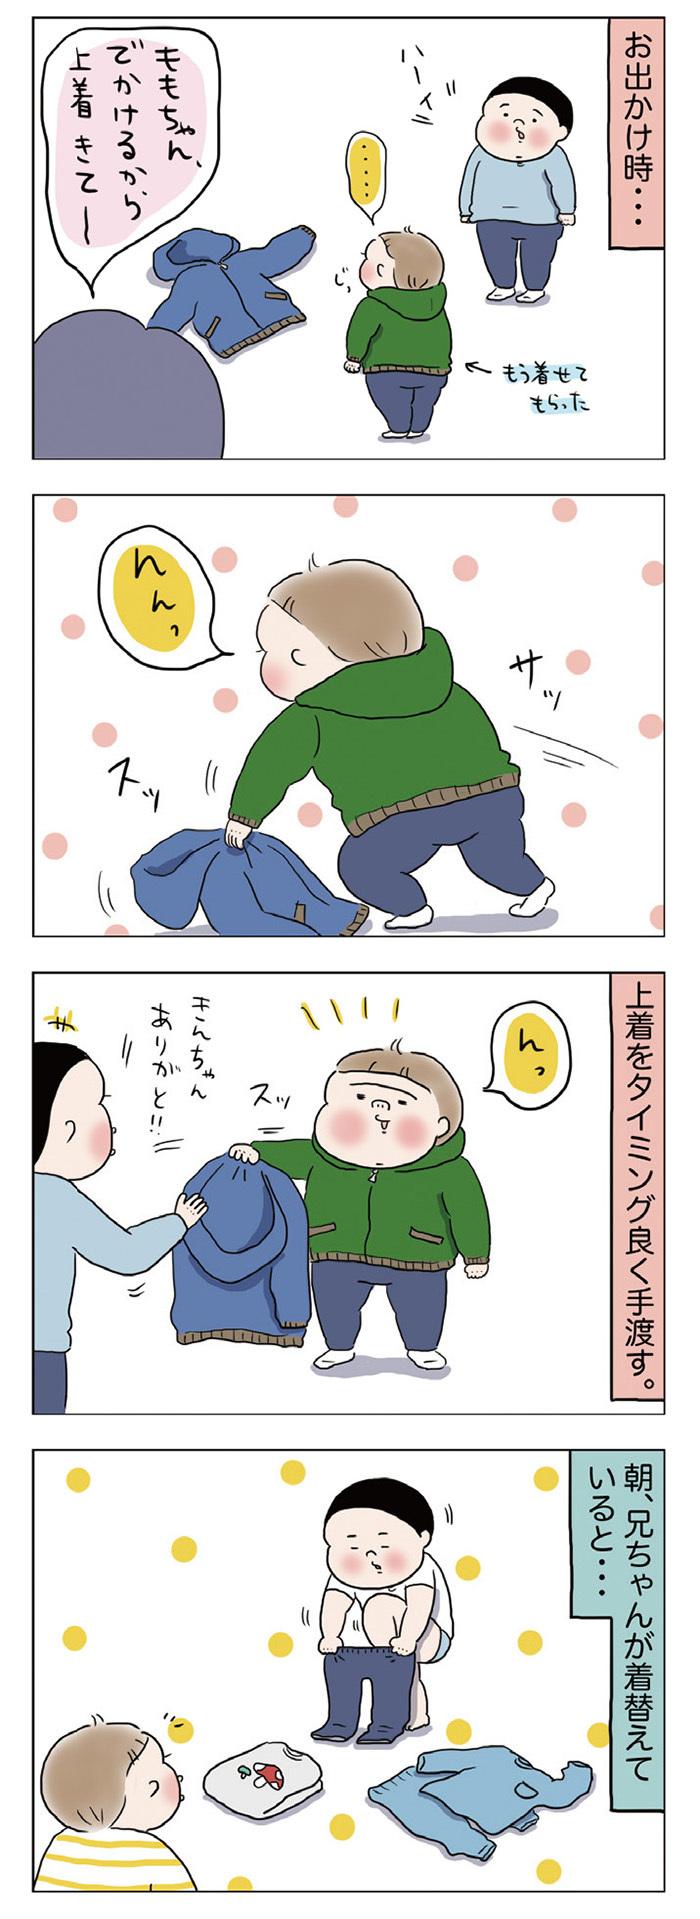 移動は常にジャンプ&ダッシュ(笑)理解不能で愛しい兄弟のやりとり♡の画像3